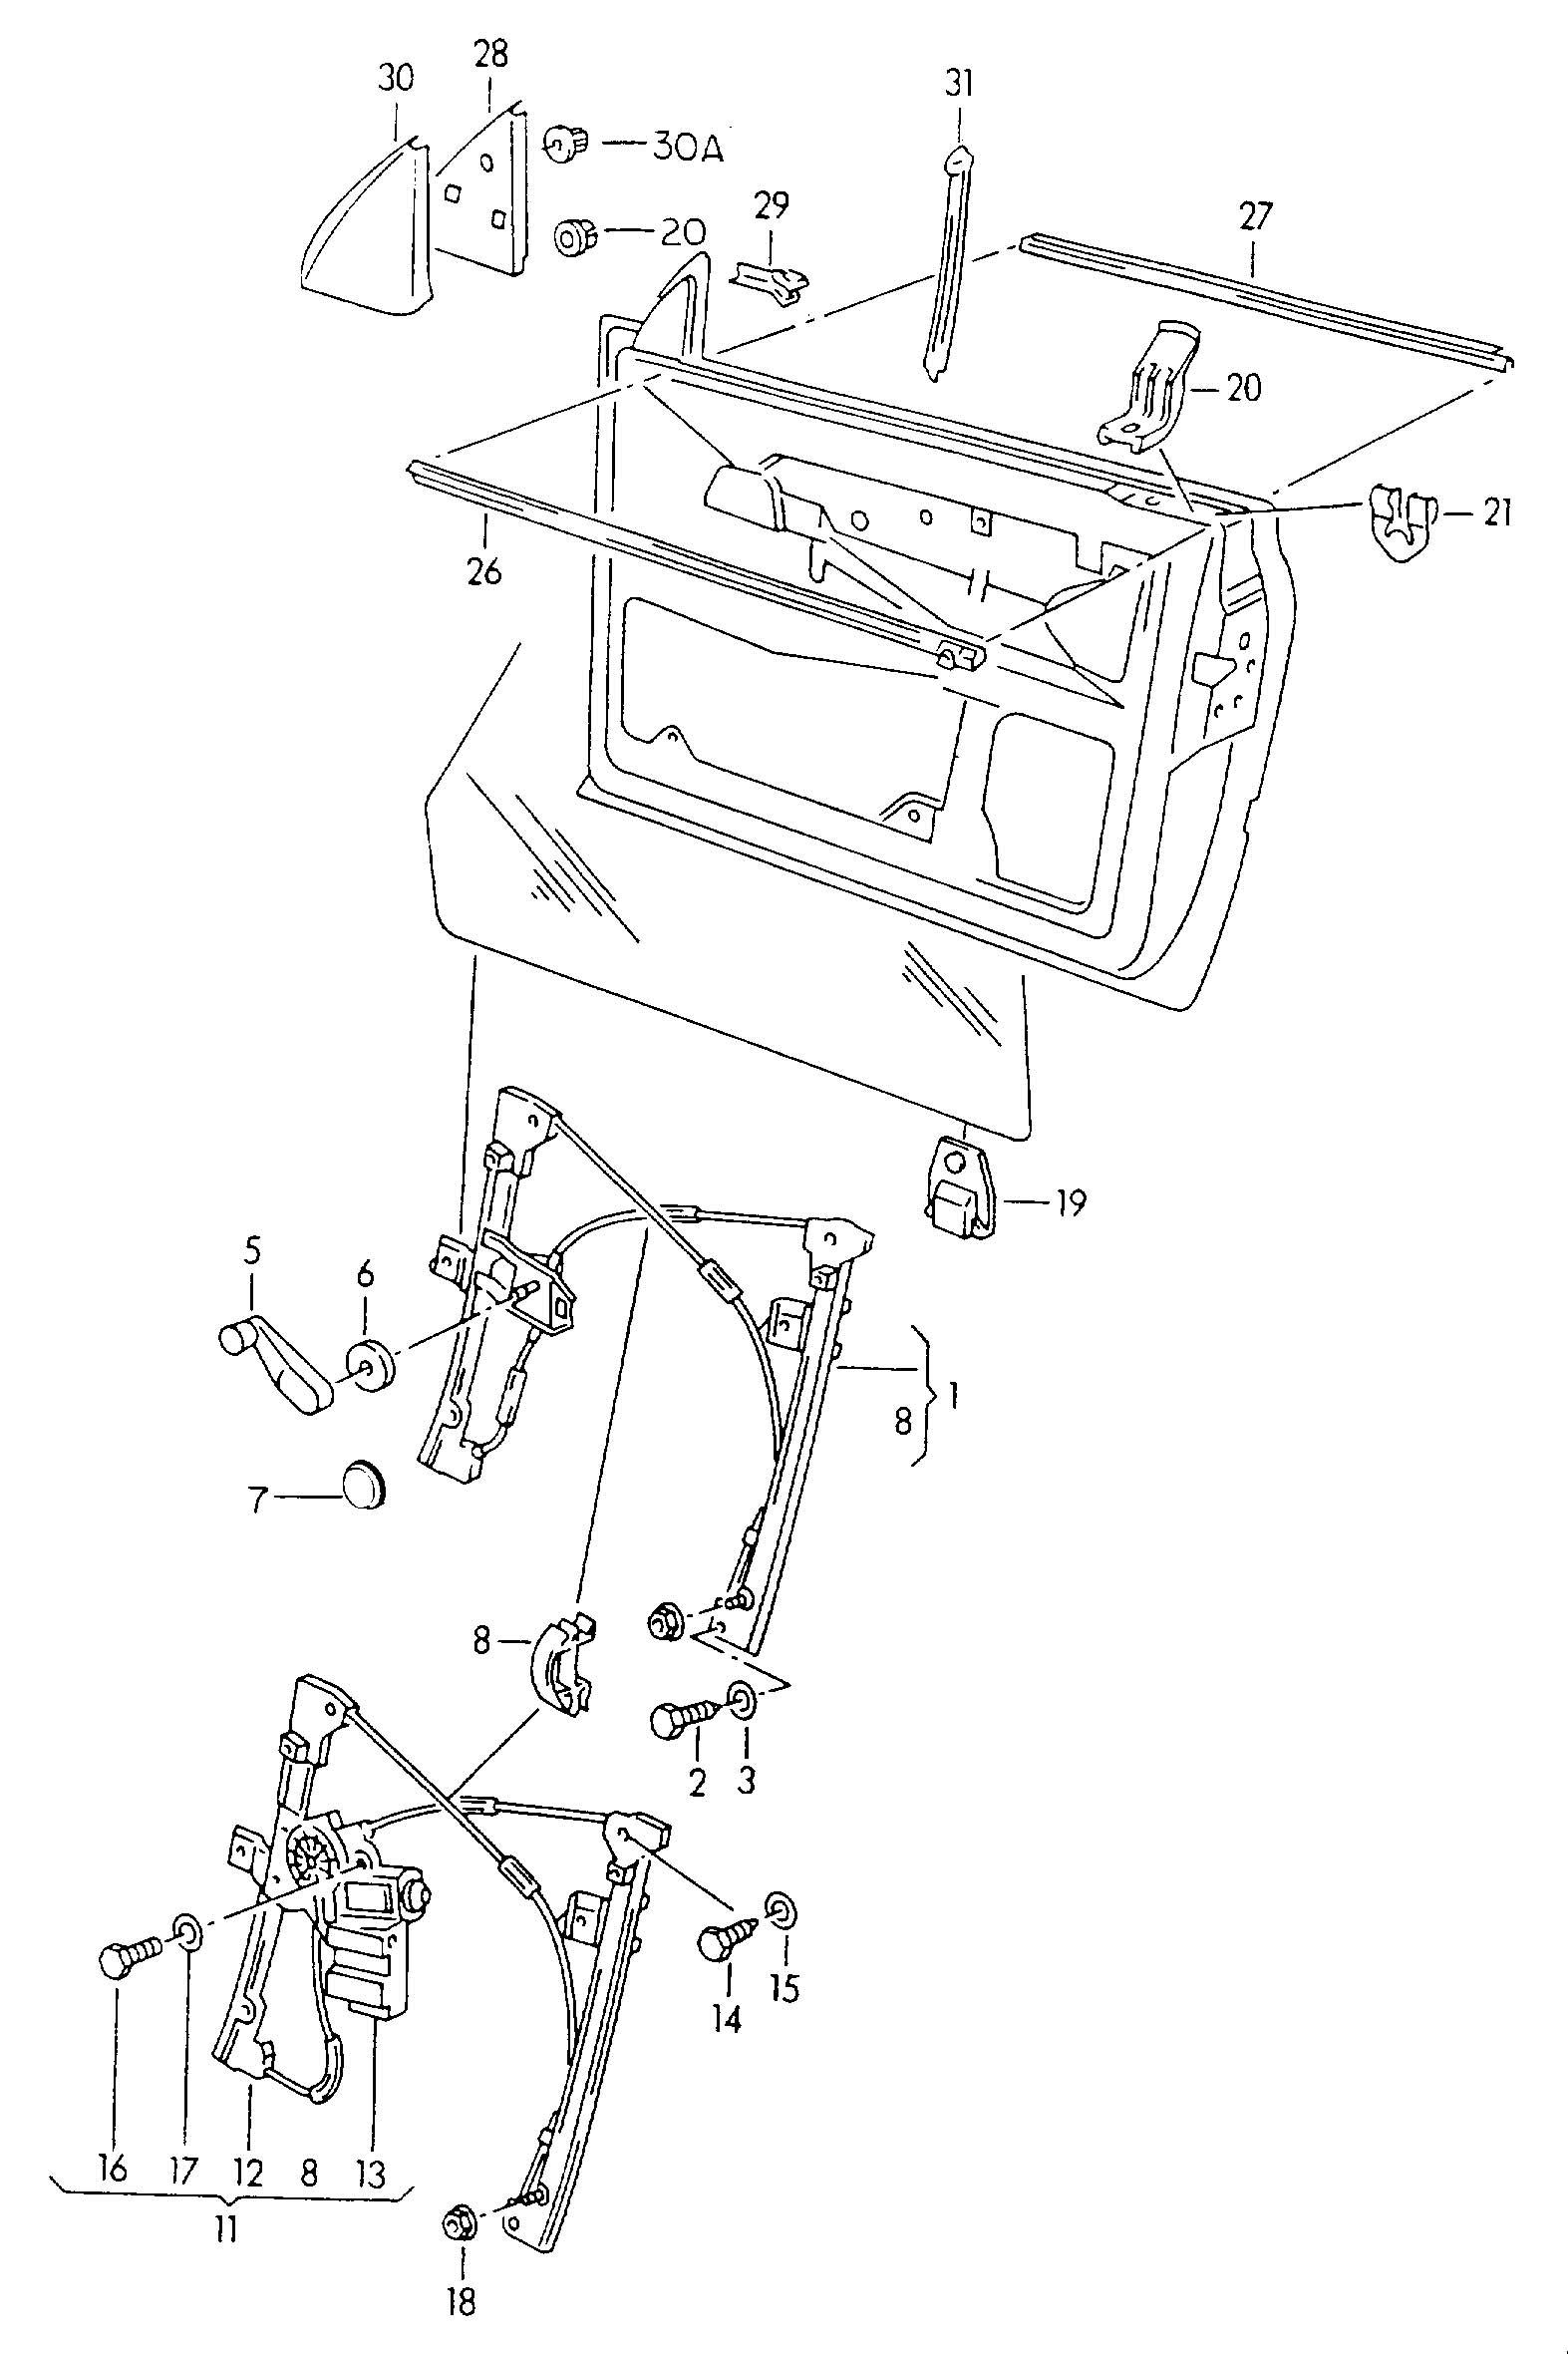 Volkswagen Cabrio/Cabriolet 2.0L Window lifter motor